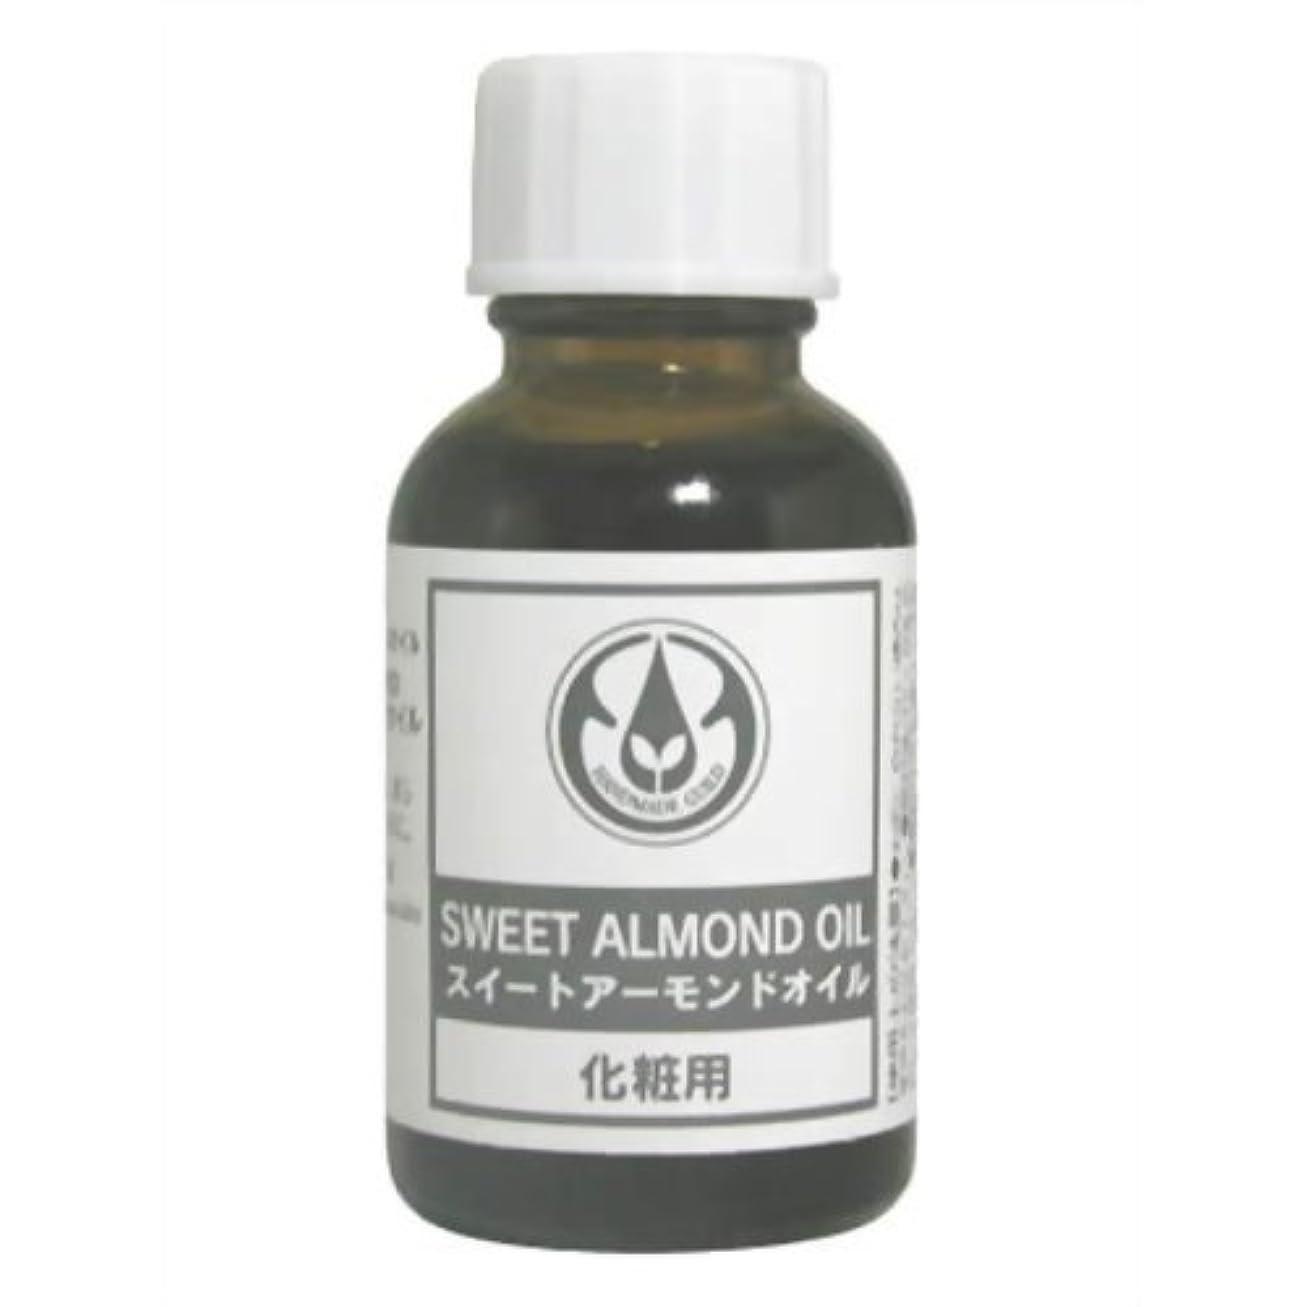 開発一時停止イソギンチャク生活の木 スイートアーモンド25ml